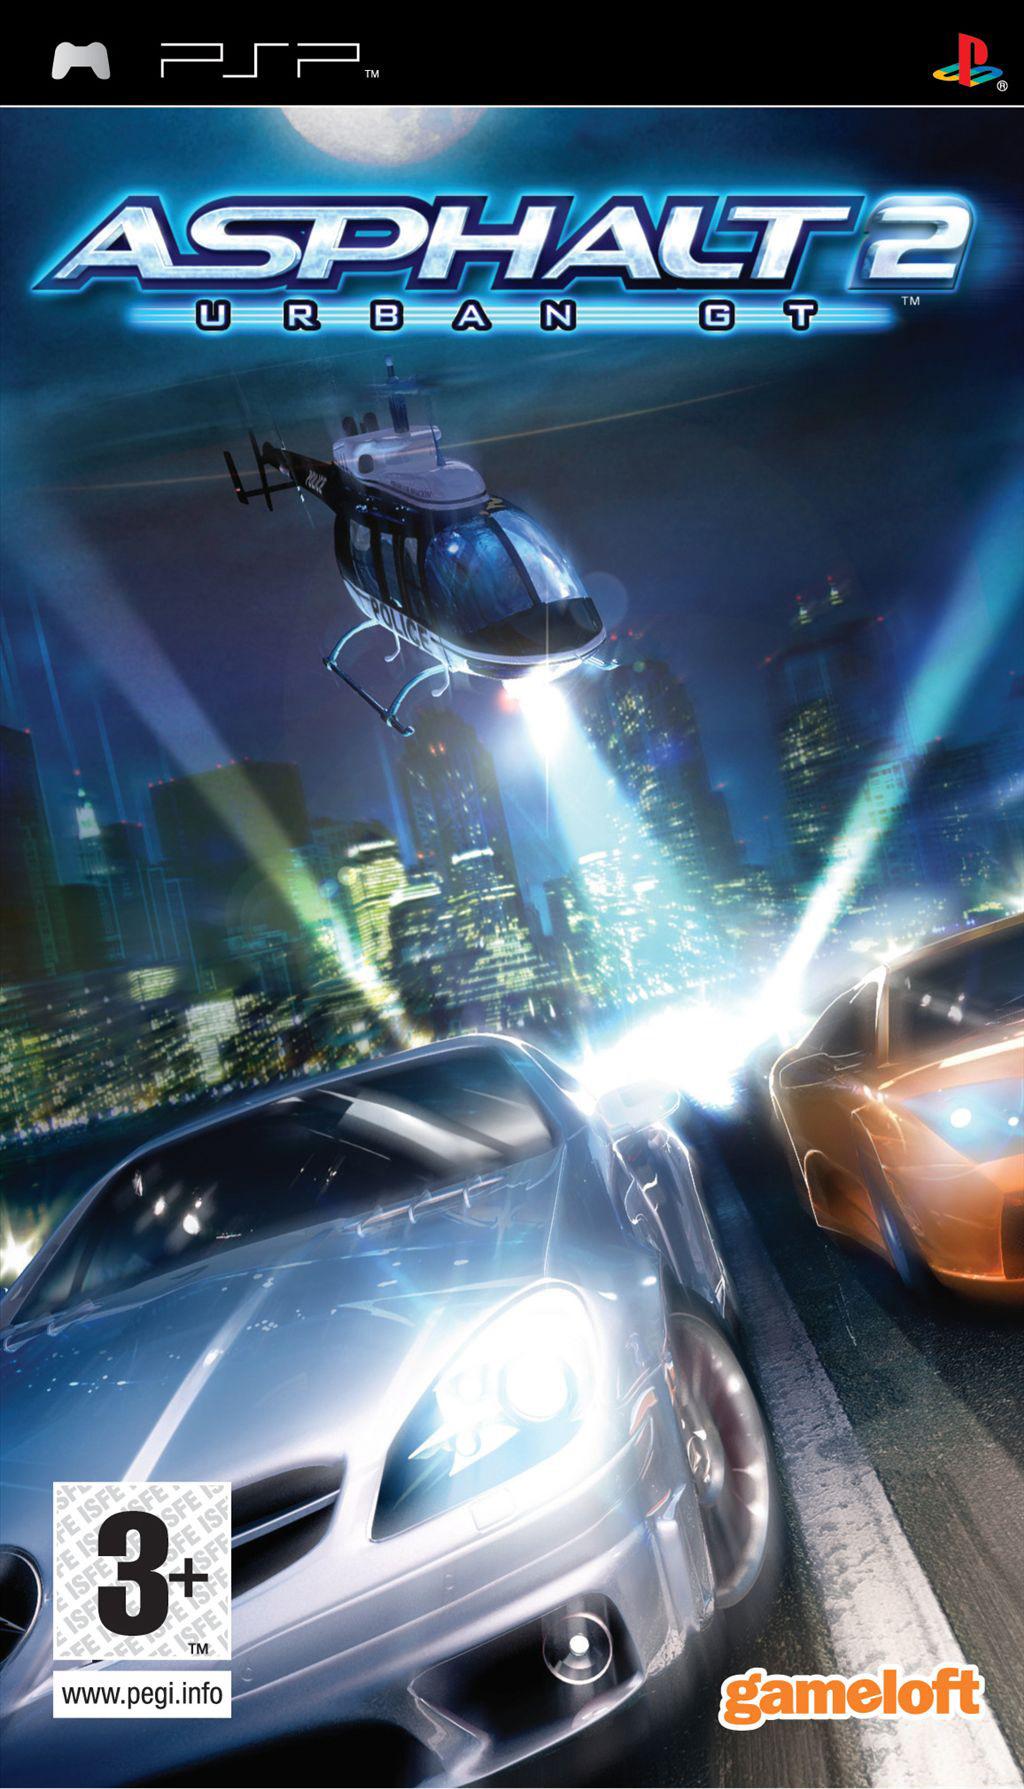 Download asphalt urban gt2 ppsspp file iso gudang games mod.